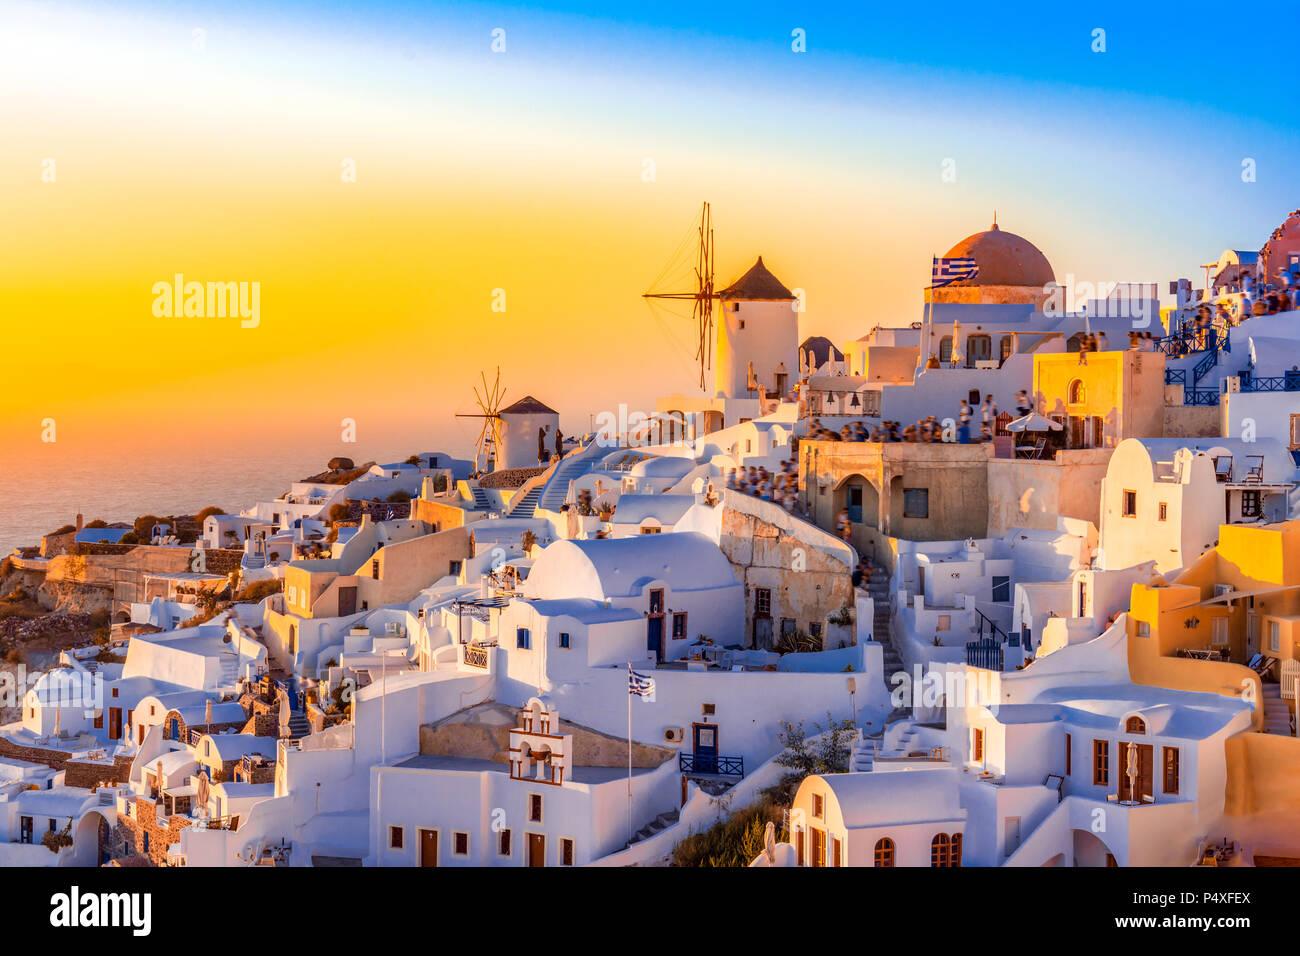 Sonnenuntergang in Oia, Santorini, Griechenland. Traditionelle und berühmte weisse Häuser und Kirchen mit blauen Kuppeln auf die Caldera, Ägäis. Stockbild